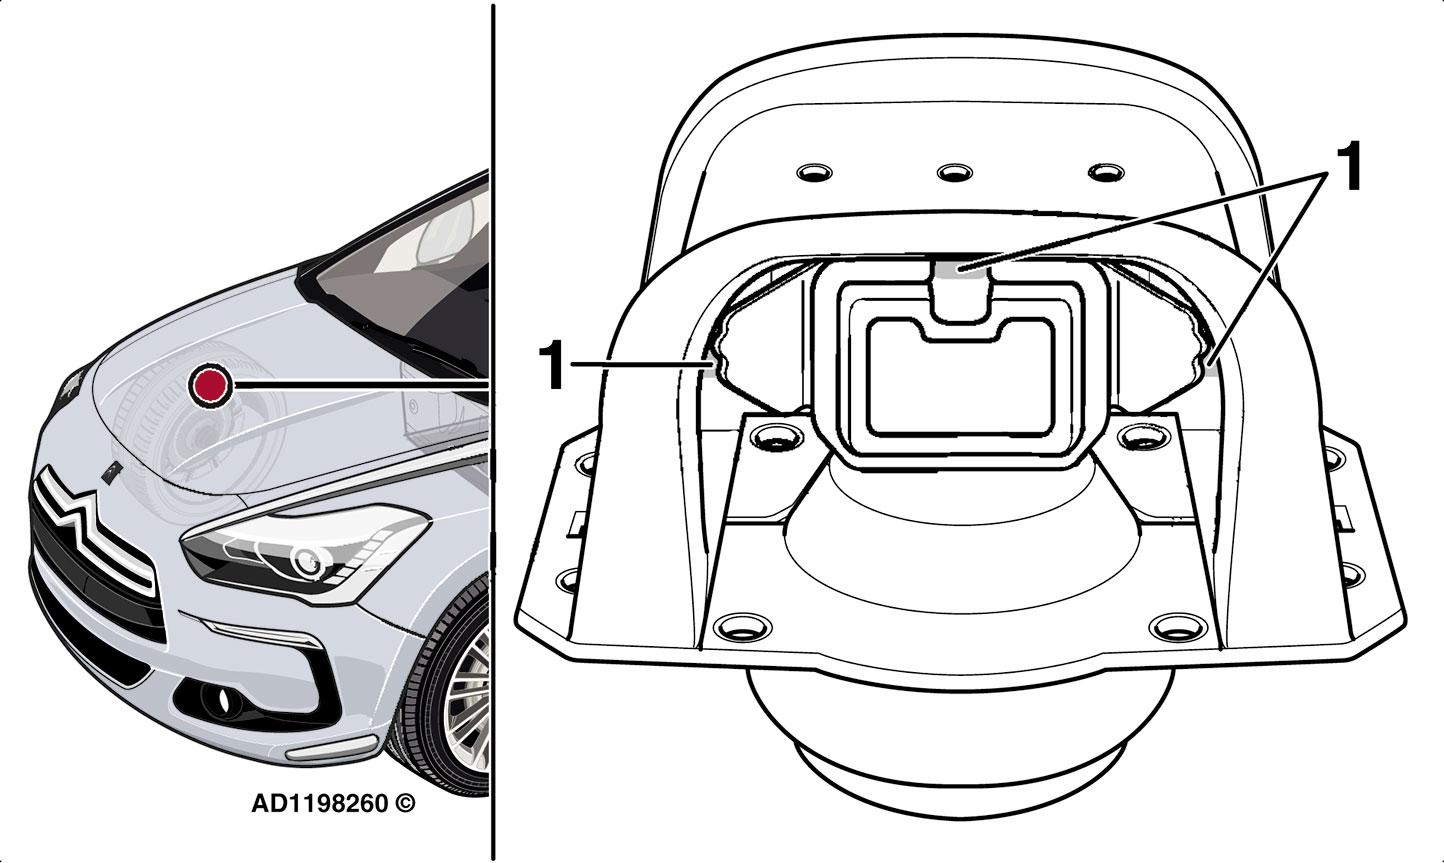 Rys. 3. Odgłosy stuków wCitroënie DS5 zprzodu pojazdu, zprawej strony podczas jazdy po nierównej nawierzchni lub na zakręcie spowodowane są nadmiernym tarciem wprawej górnej poduszce silnika